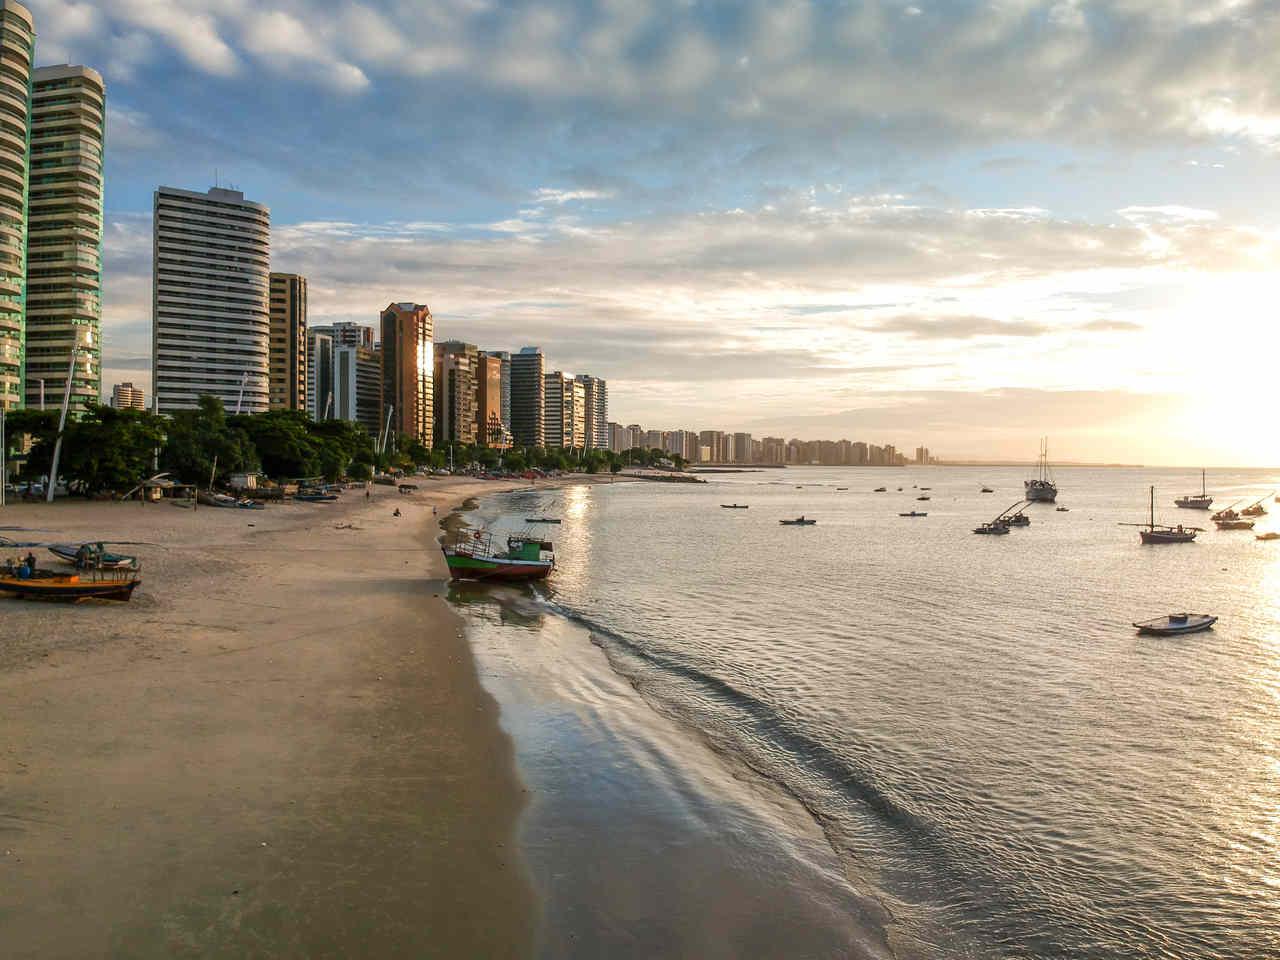 Aniversário de Fortaleza: lugares históricos da cidade que têm Zona Azul Digital